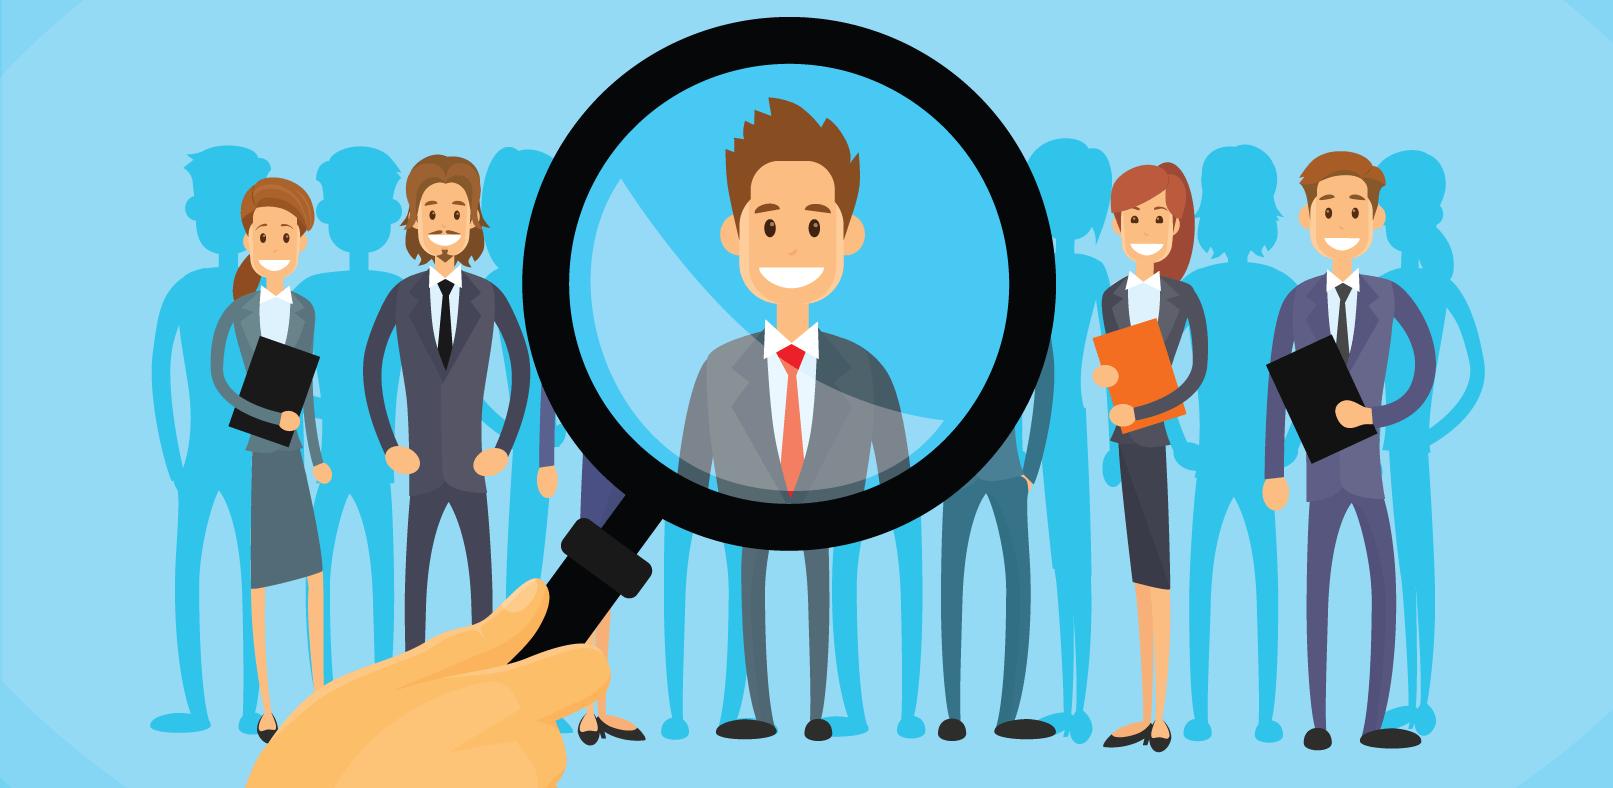 Зачем нужны кадровые агентства? - картинка ocenka